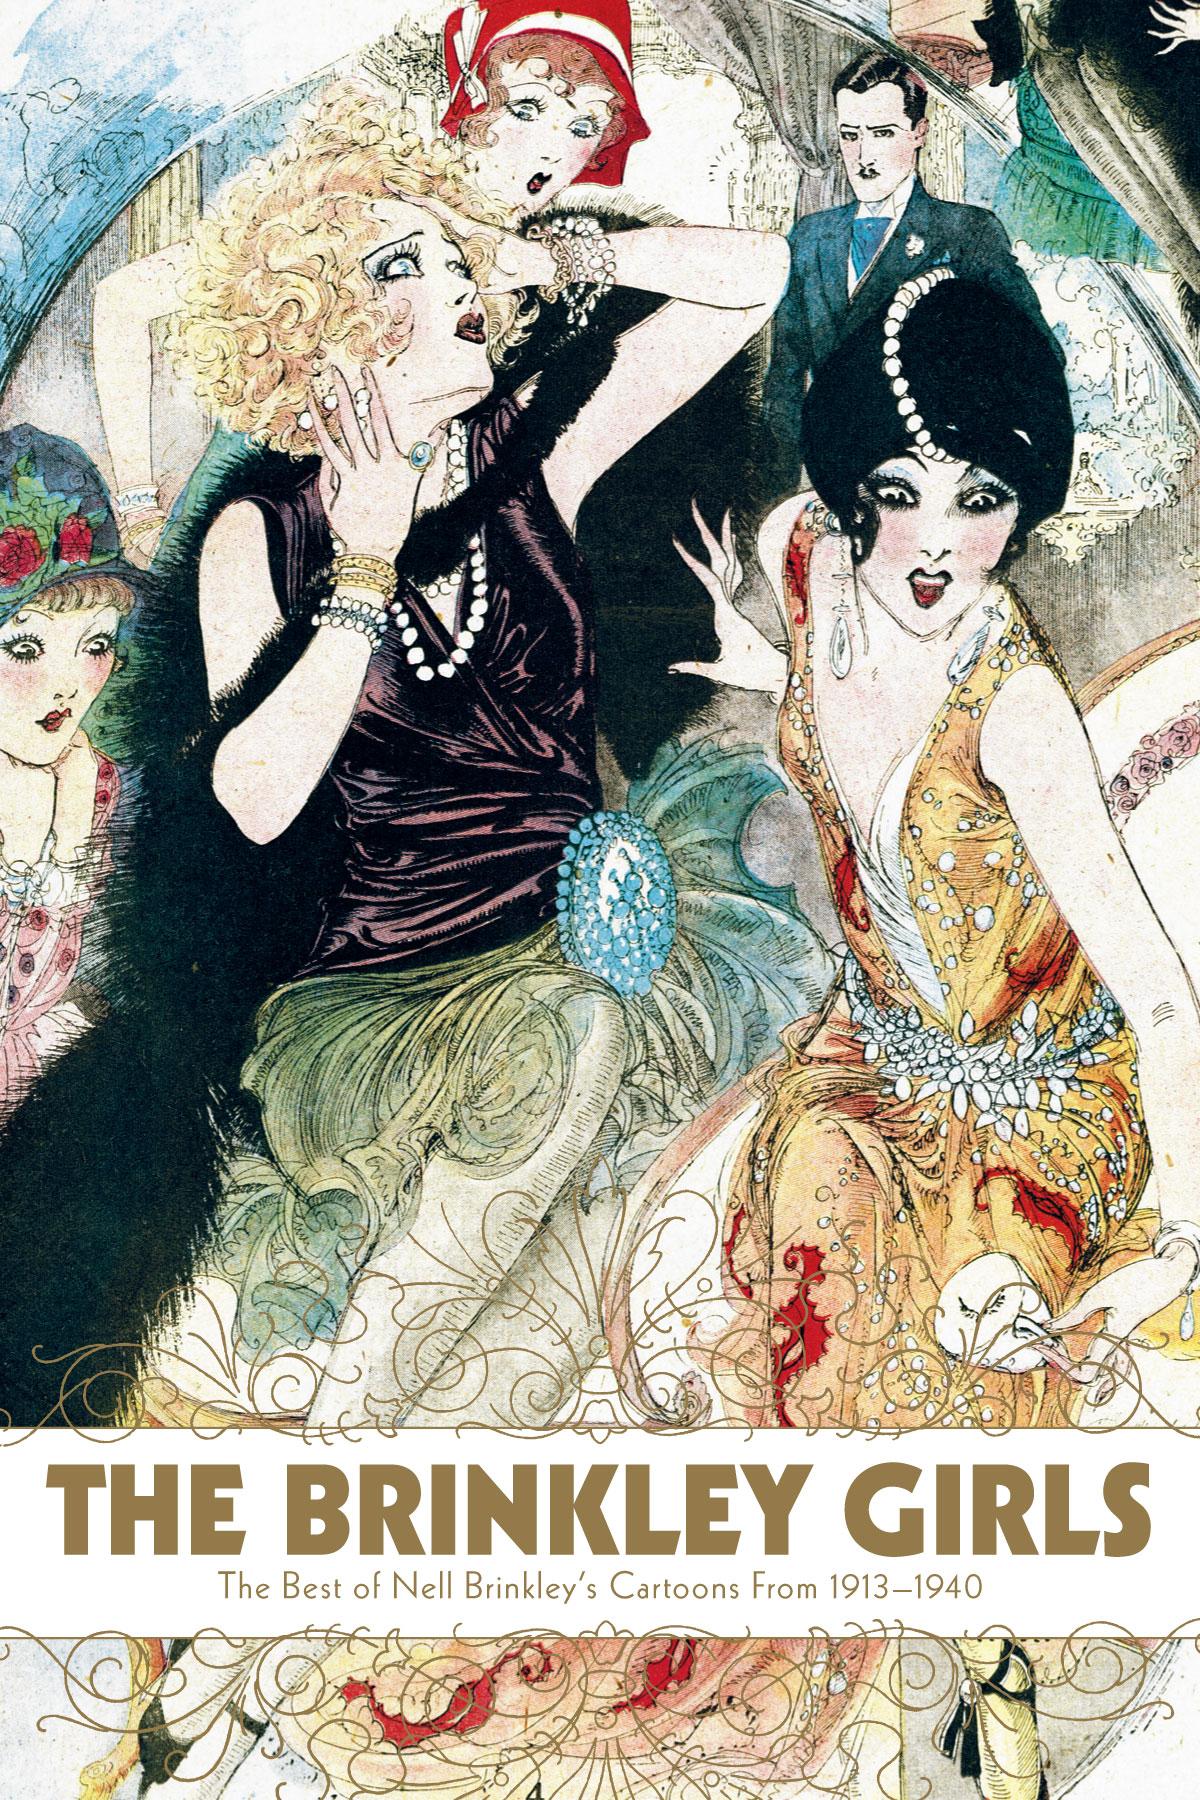 The Brinkley Girls - Mar 21 – Sep 6, 2009